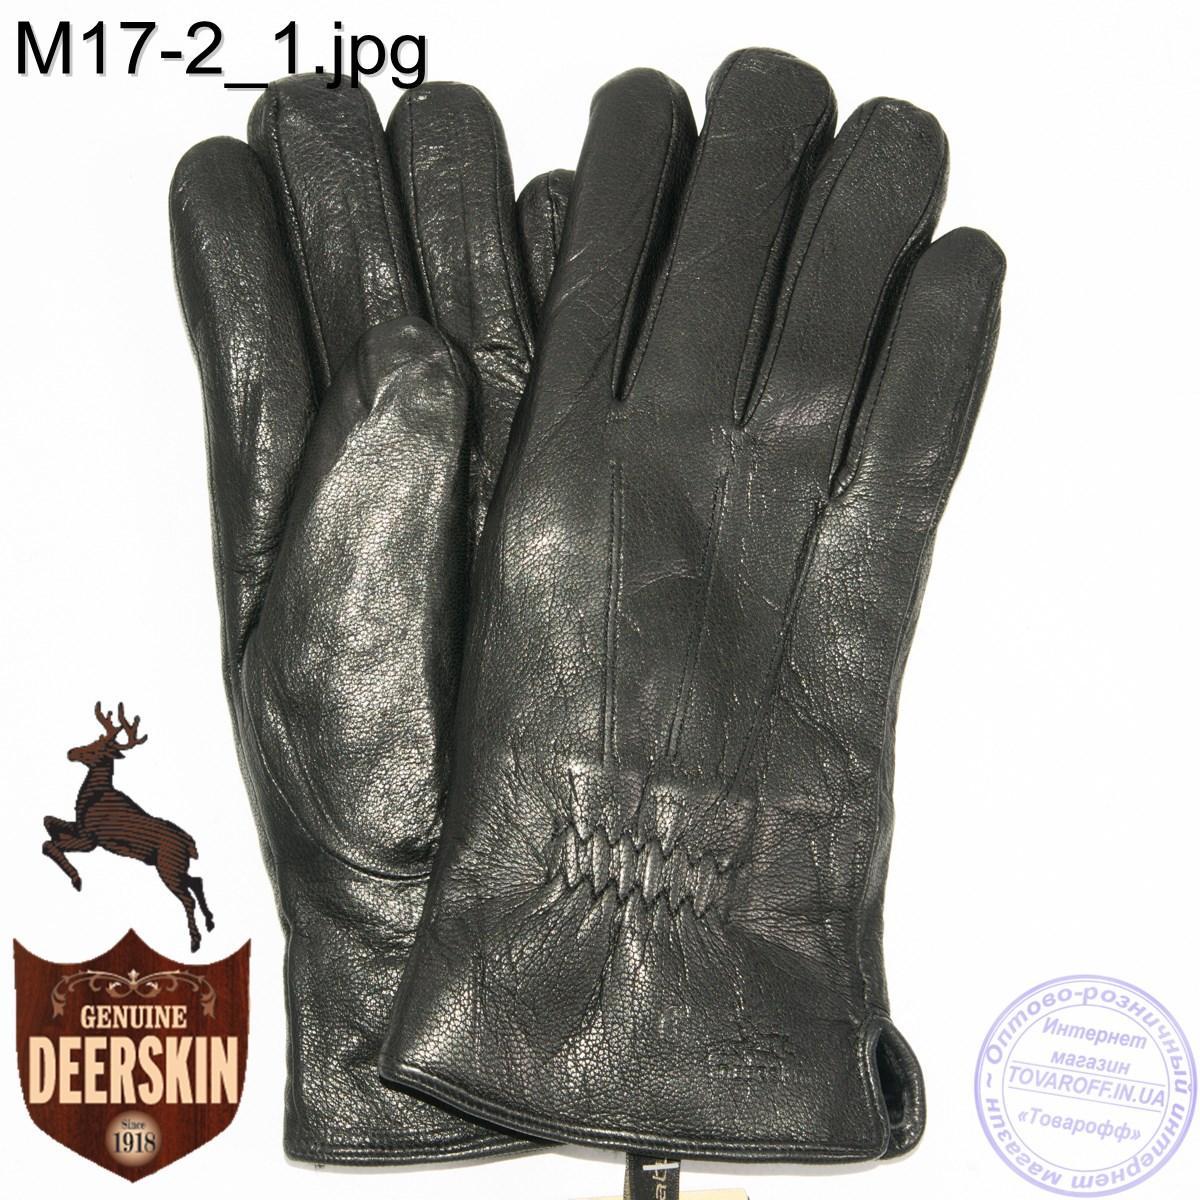 Мужские зимние перчатки из оленьей кожи на цигейке (натуральный черный мех) - №M17-2